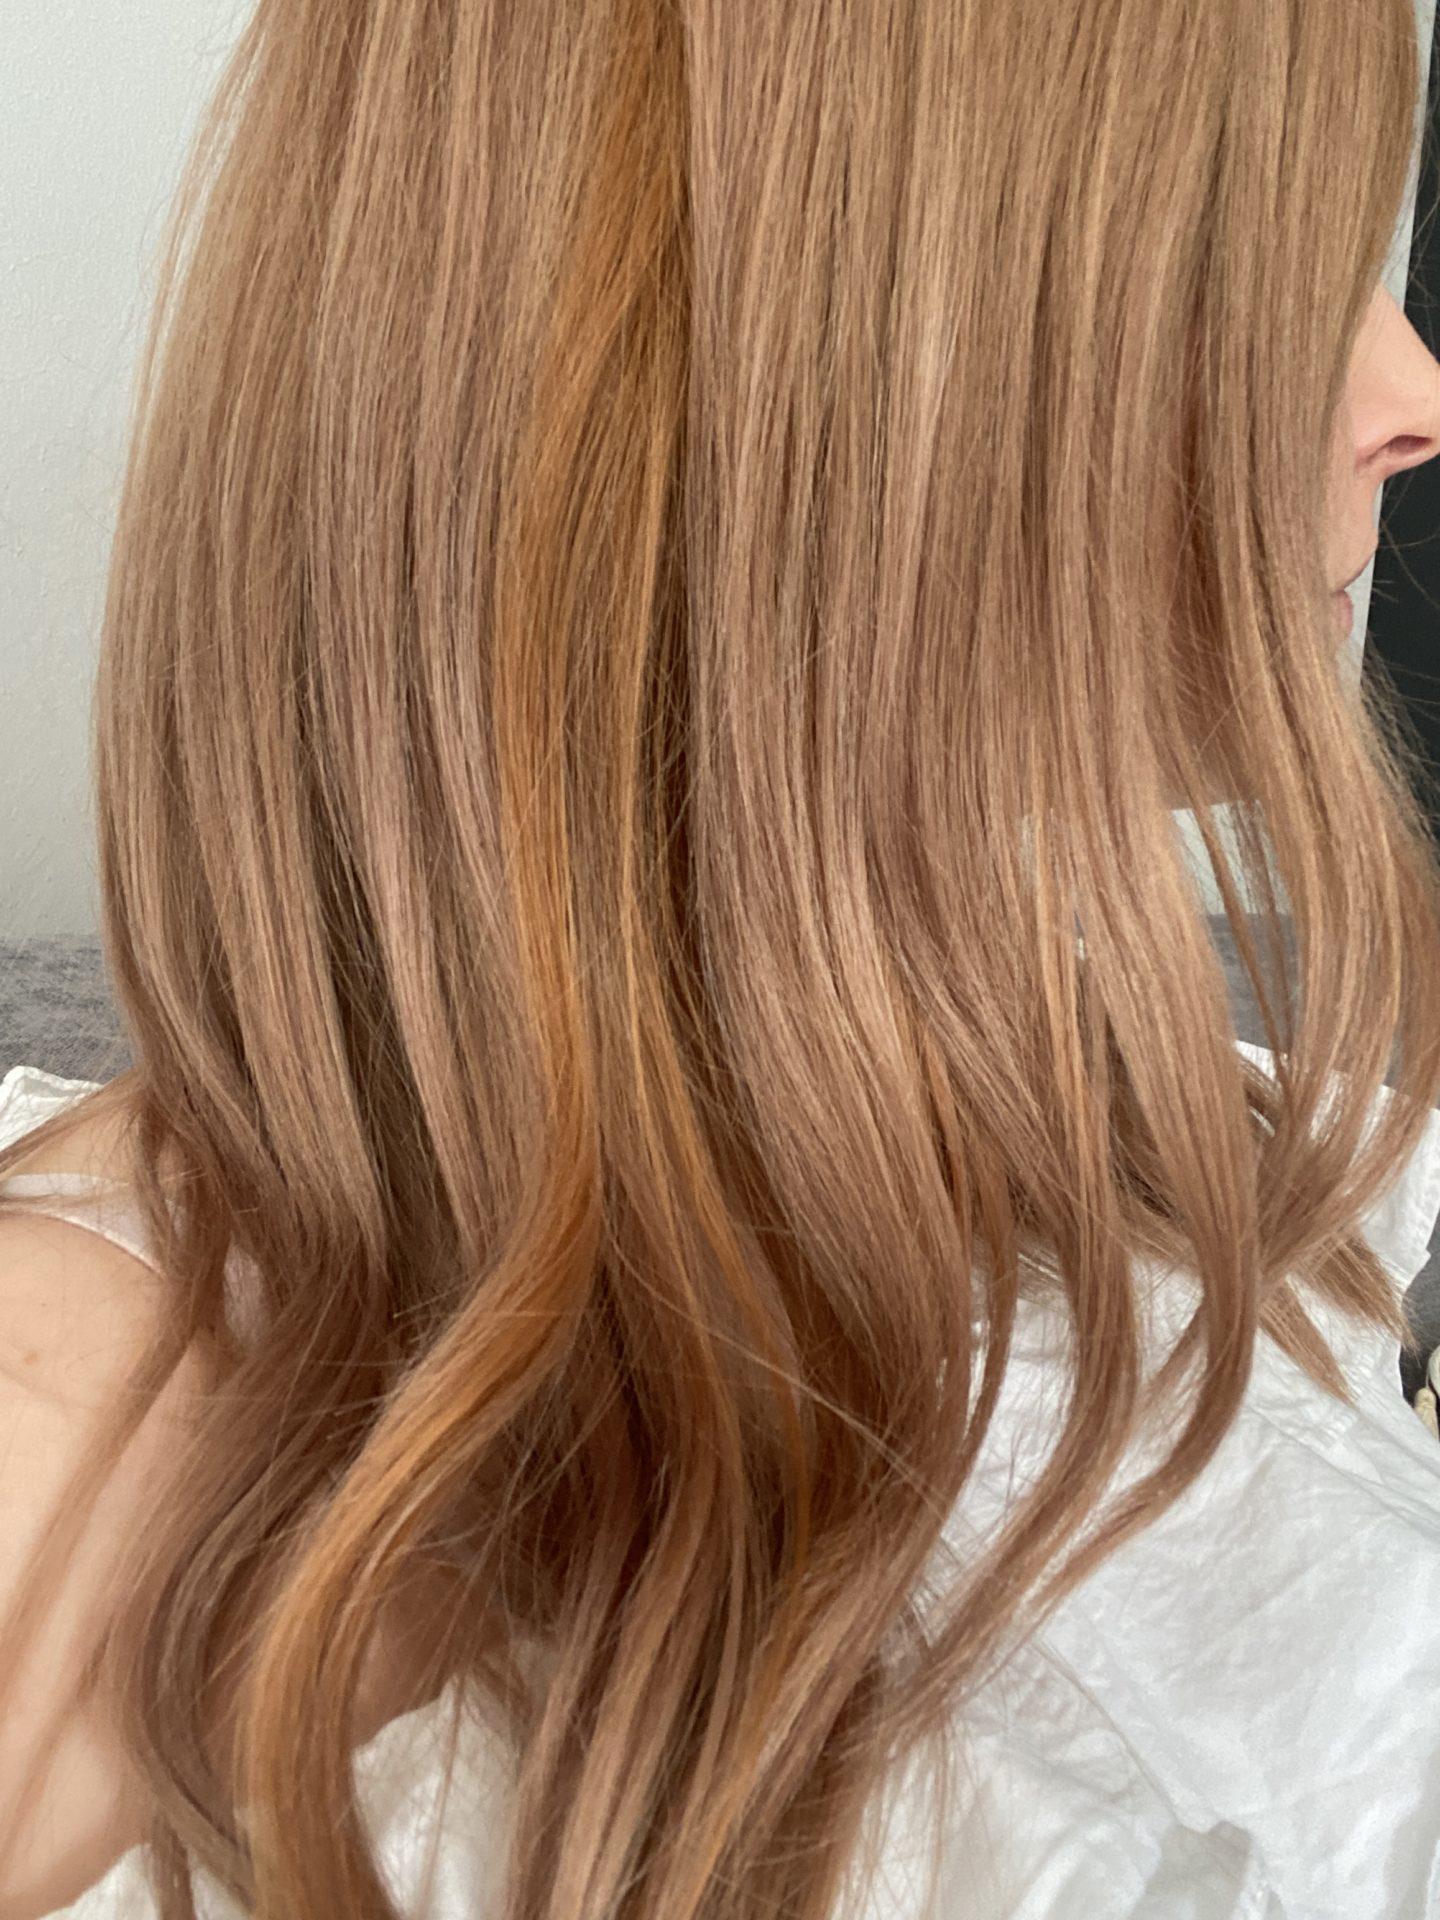 von blond auf rot färben erdbeerblond